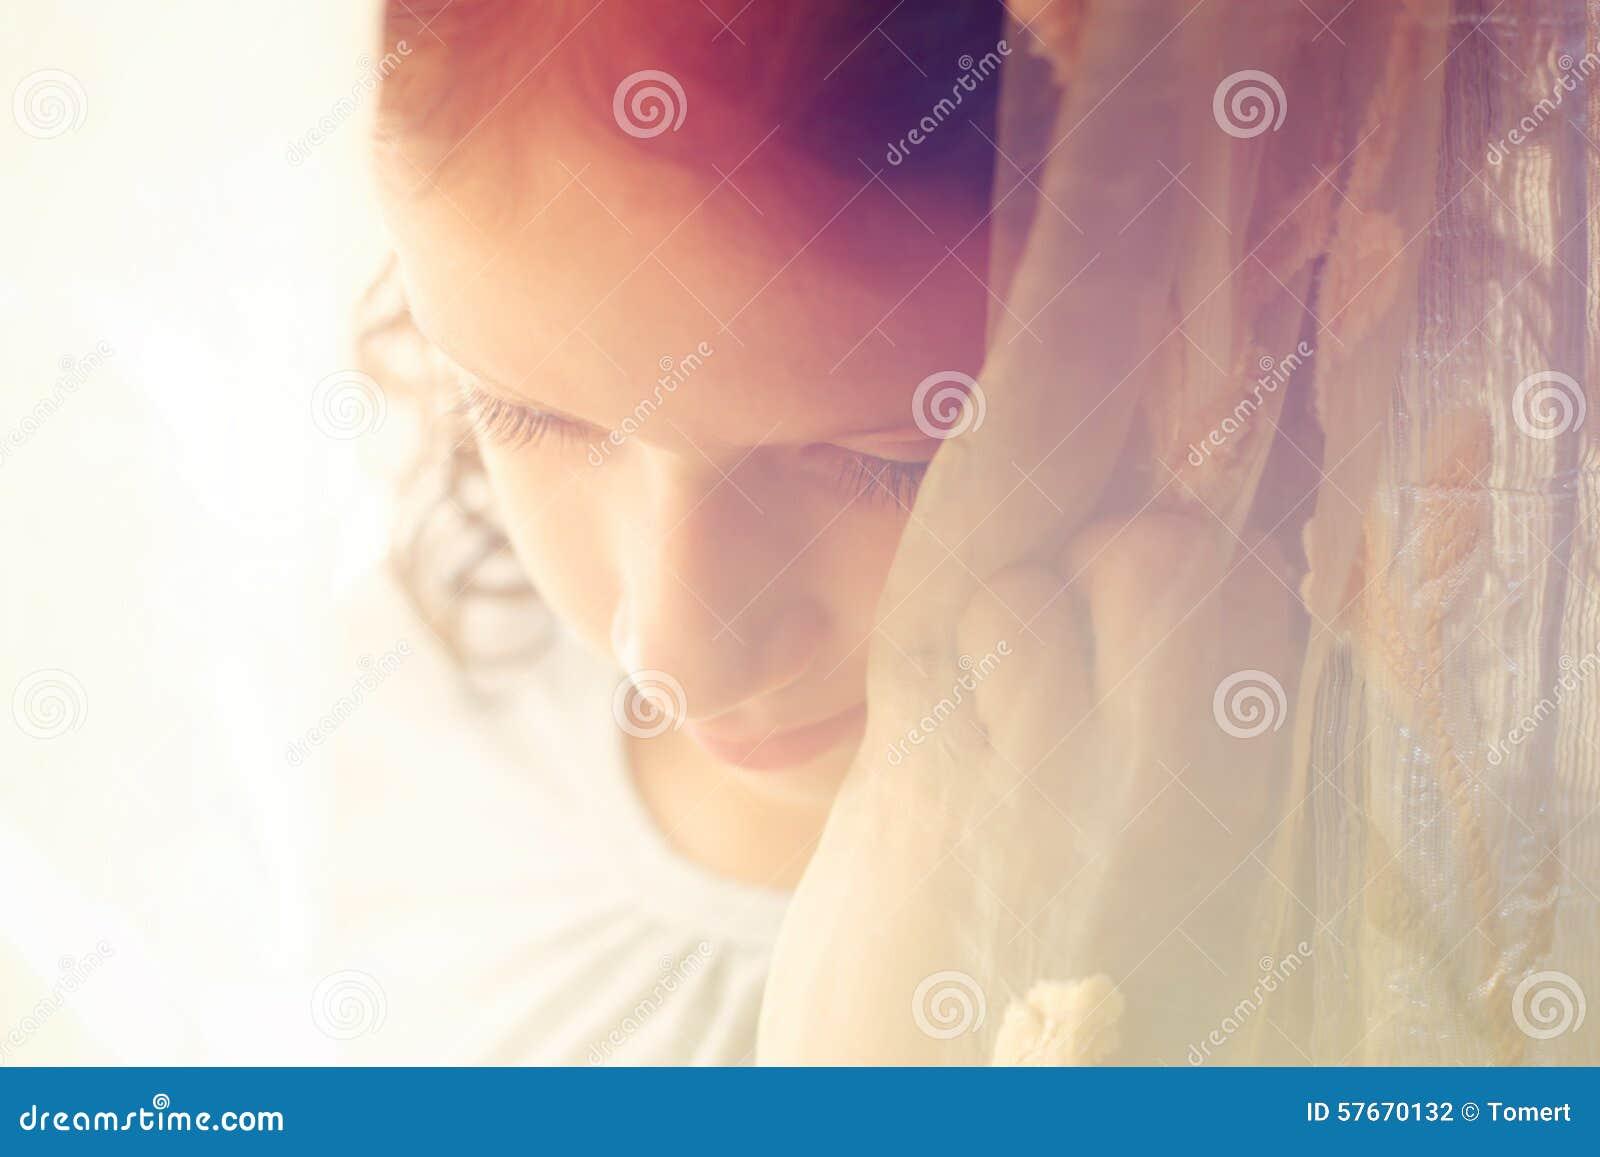 Ritratto astratto della bambina premurosa vicino alla finestra retro immagine filtrata